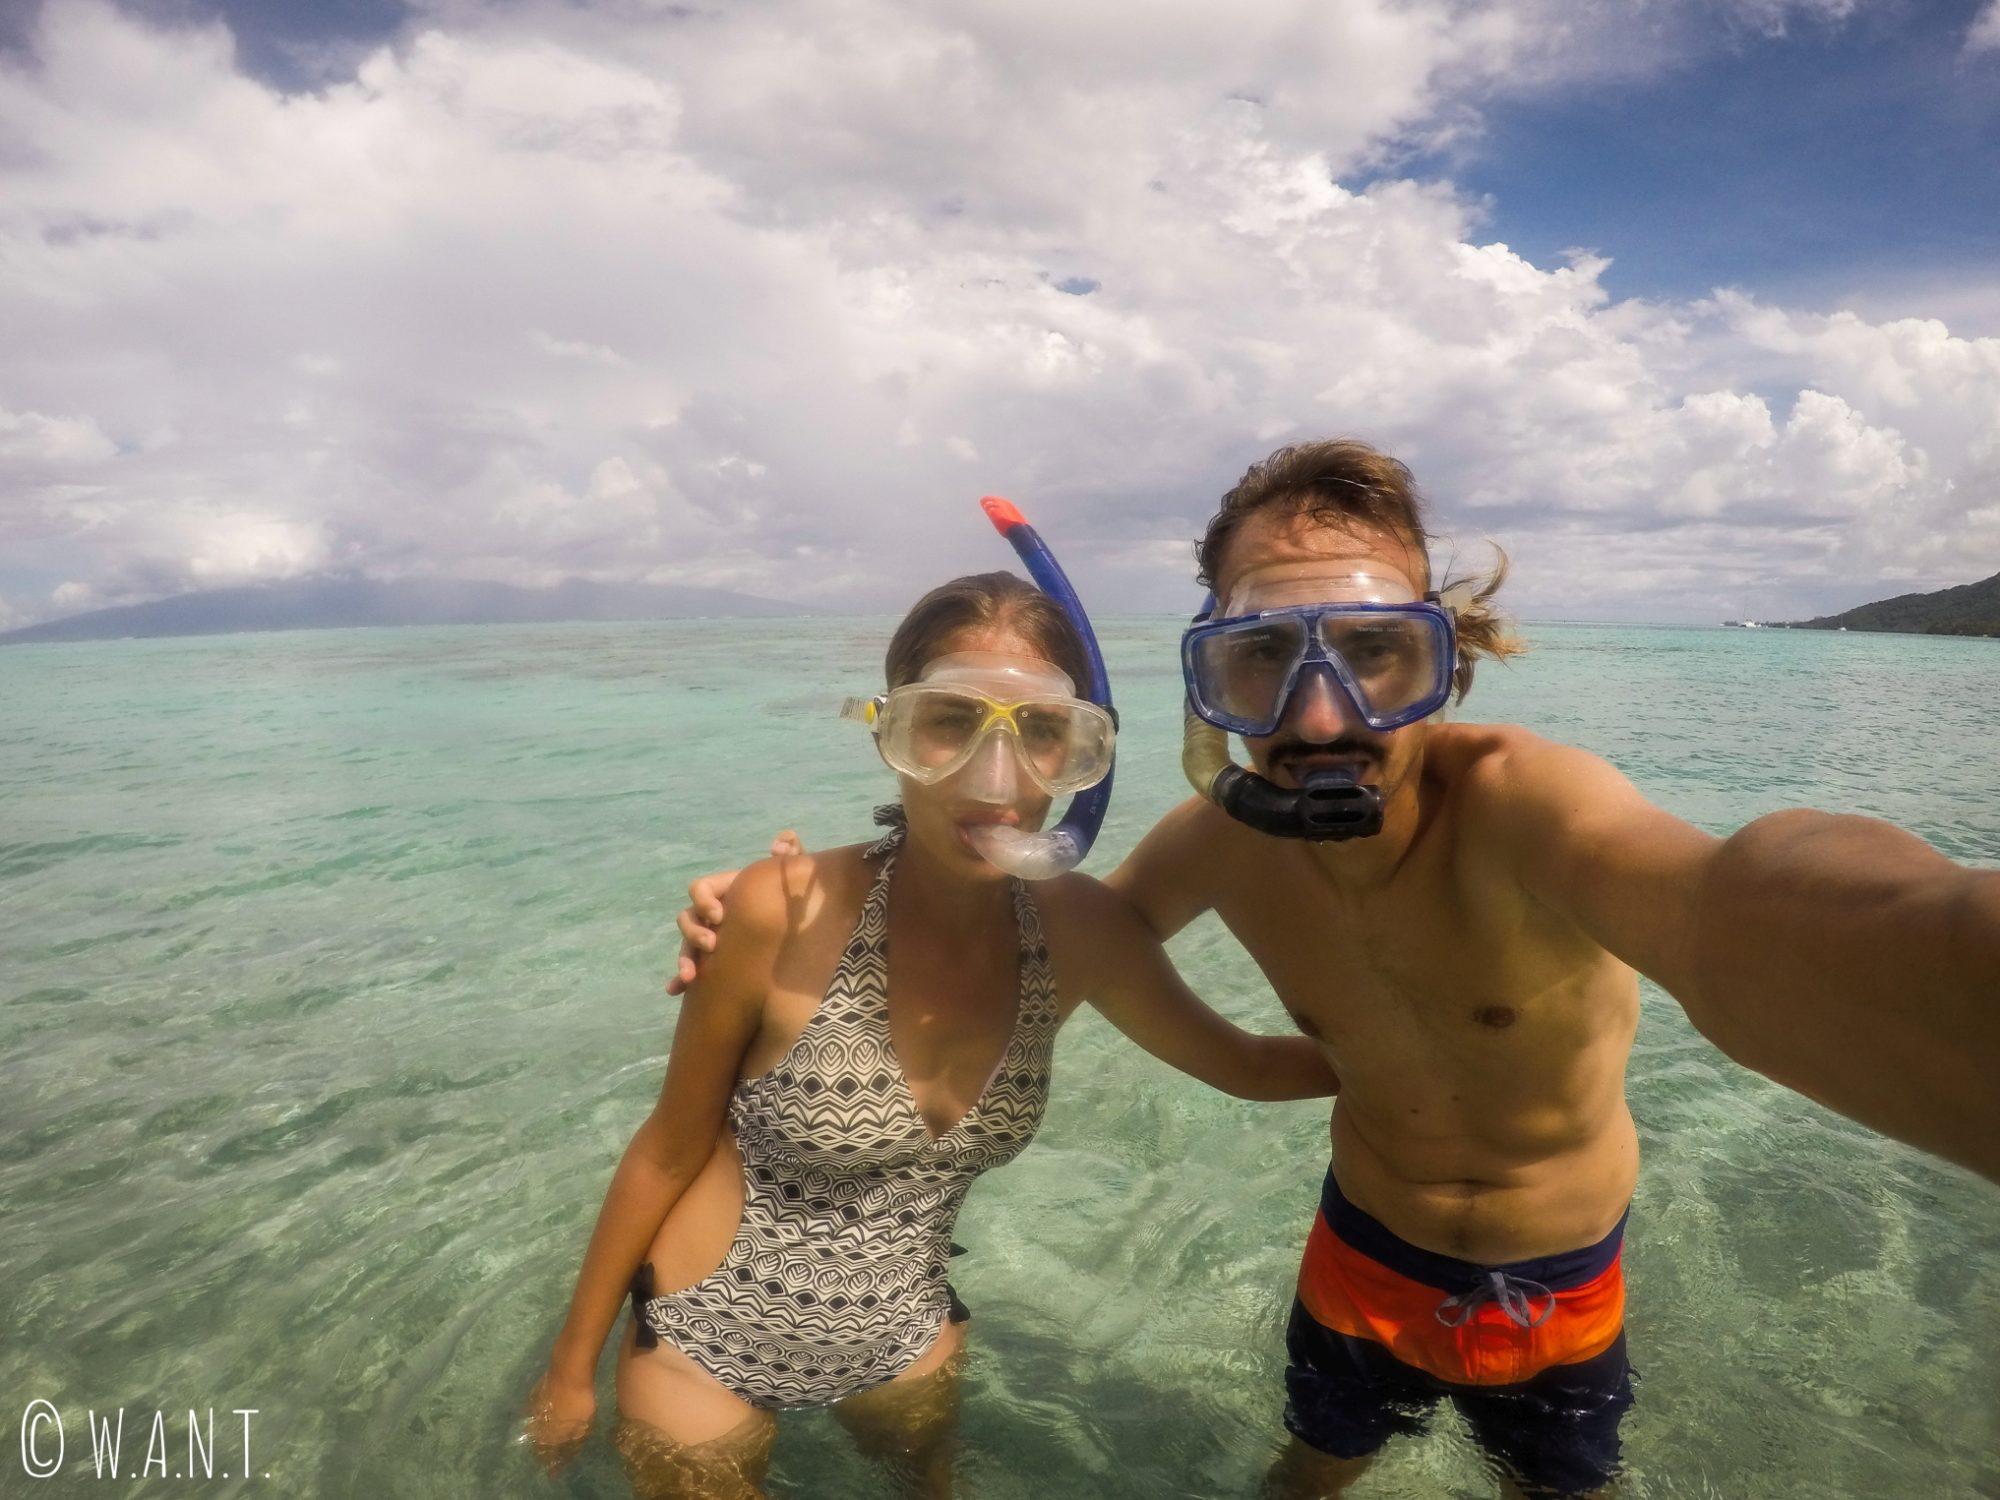 Petite séance de snorkeling depuis la plage de Temae, qui offre de superbes patates de corail